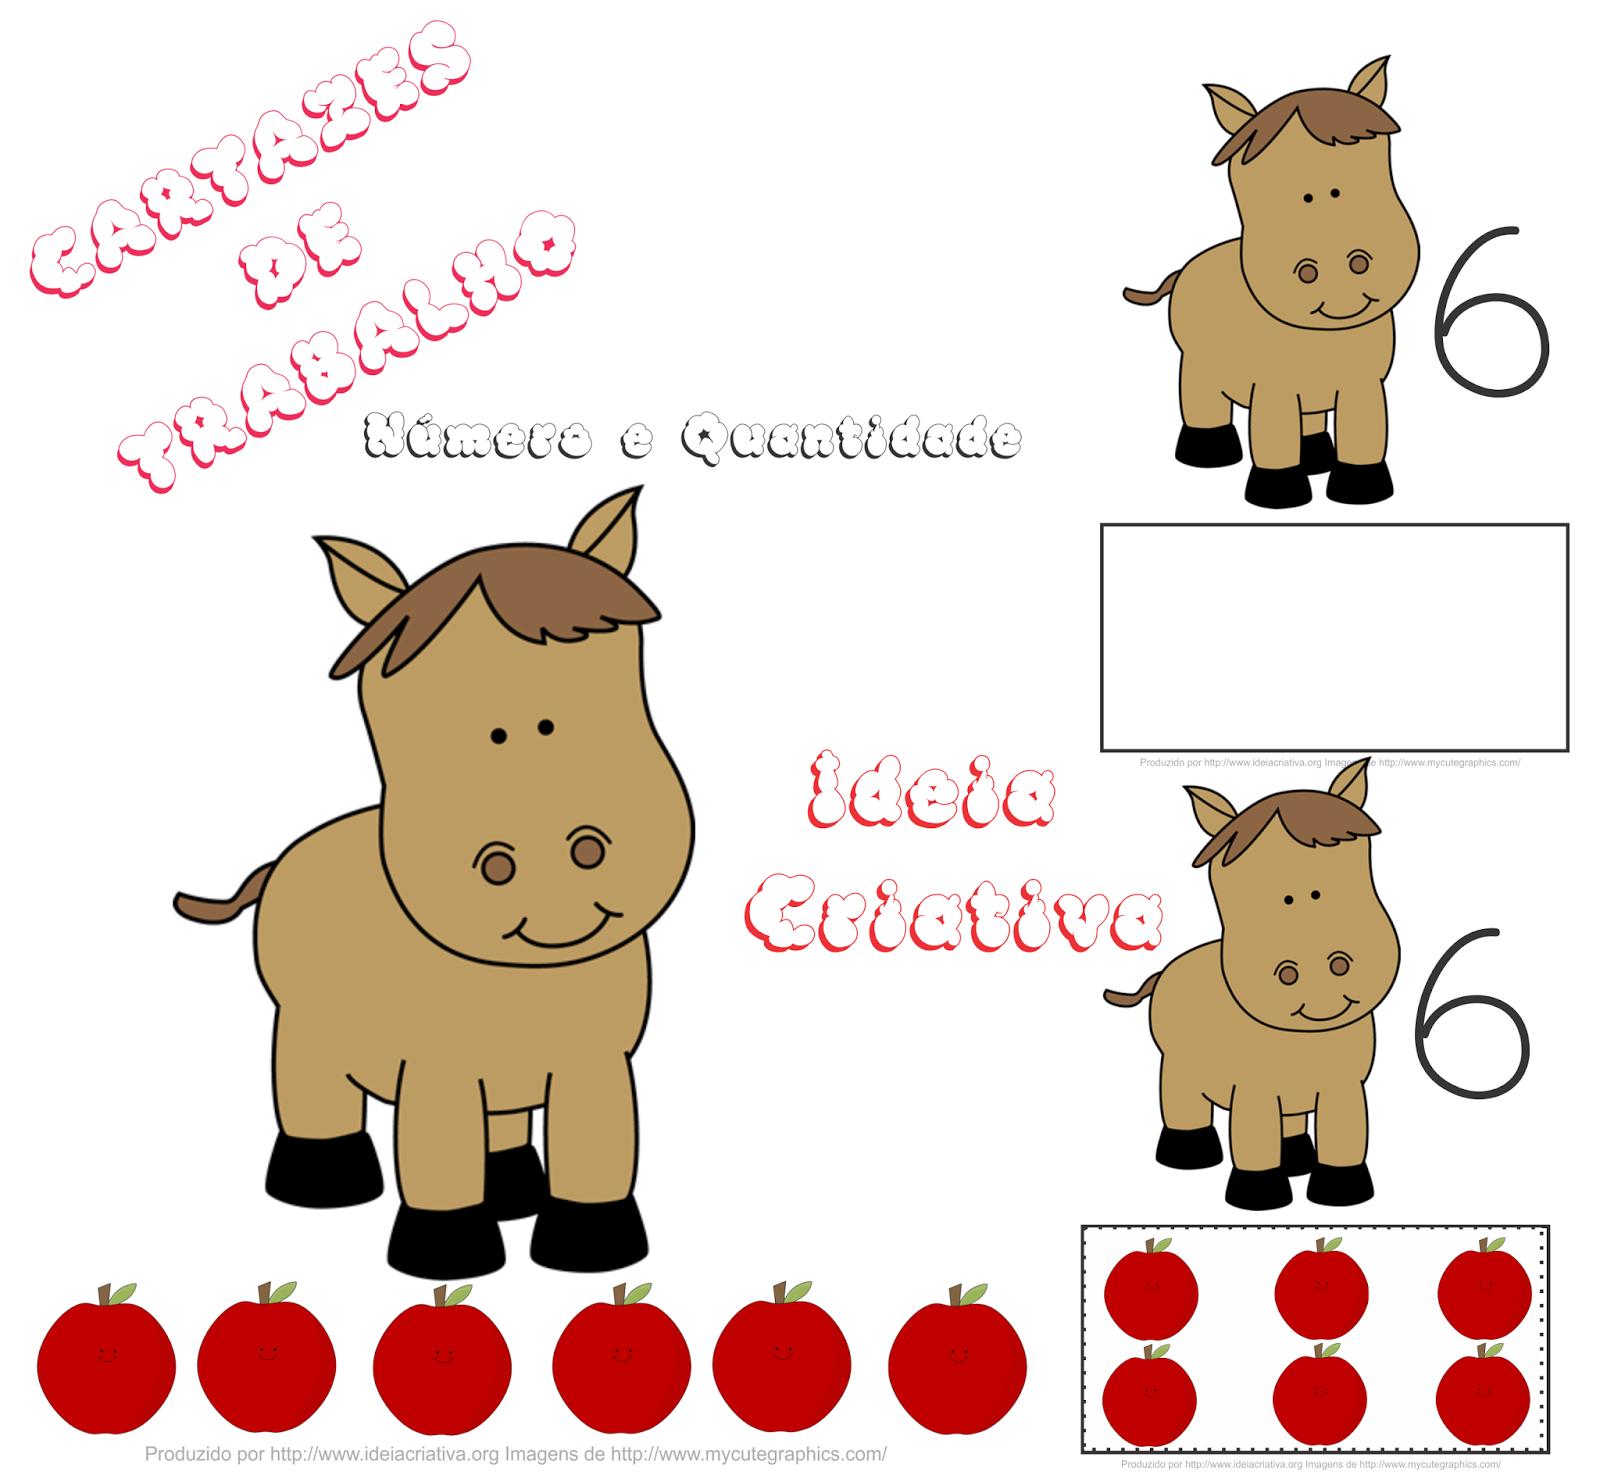 Cartazes Número e Quantidade Cavalinho e Maçãs para Baixar Grátis